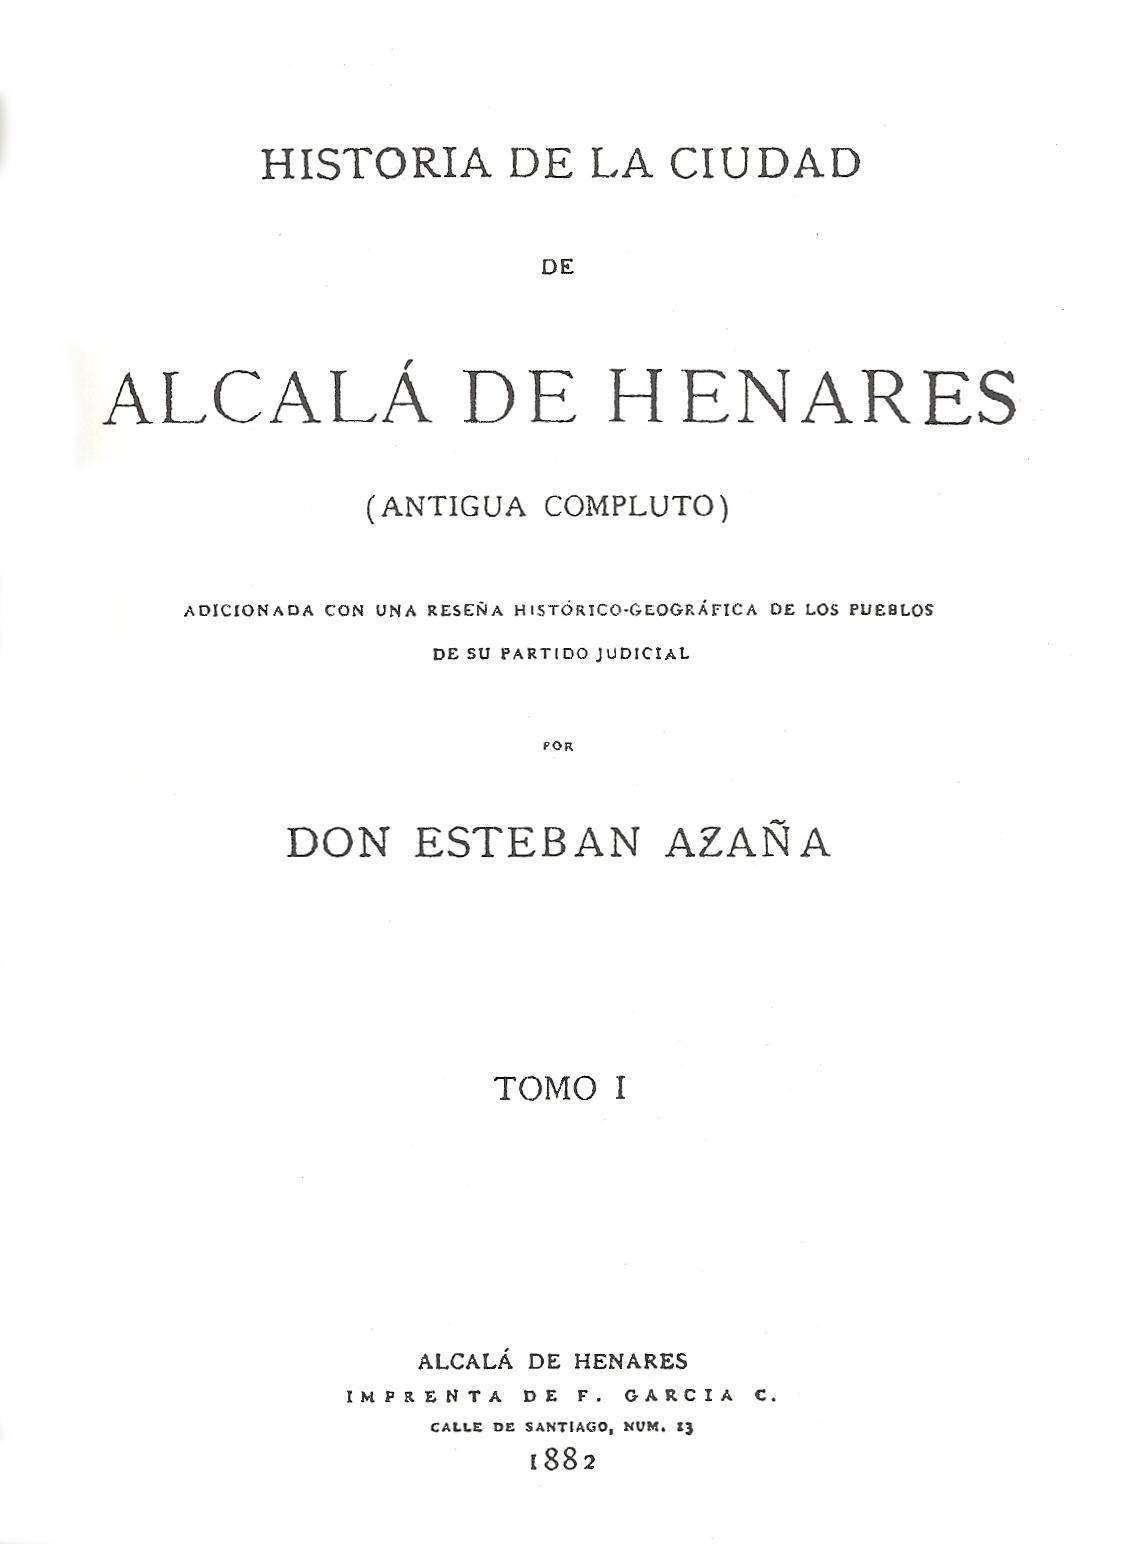 Portada de Historia de Alcalá de Henares, antigua Computo de Esteban Azaña Catarinéu